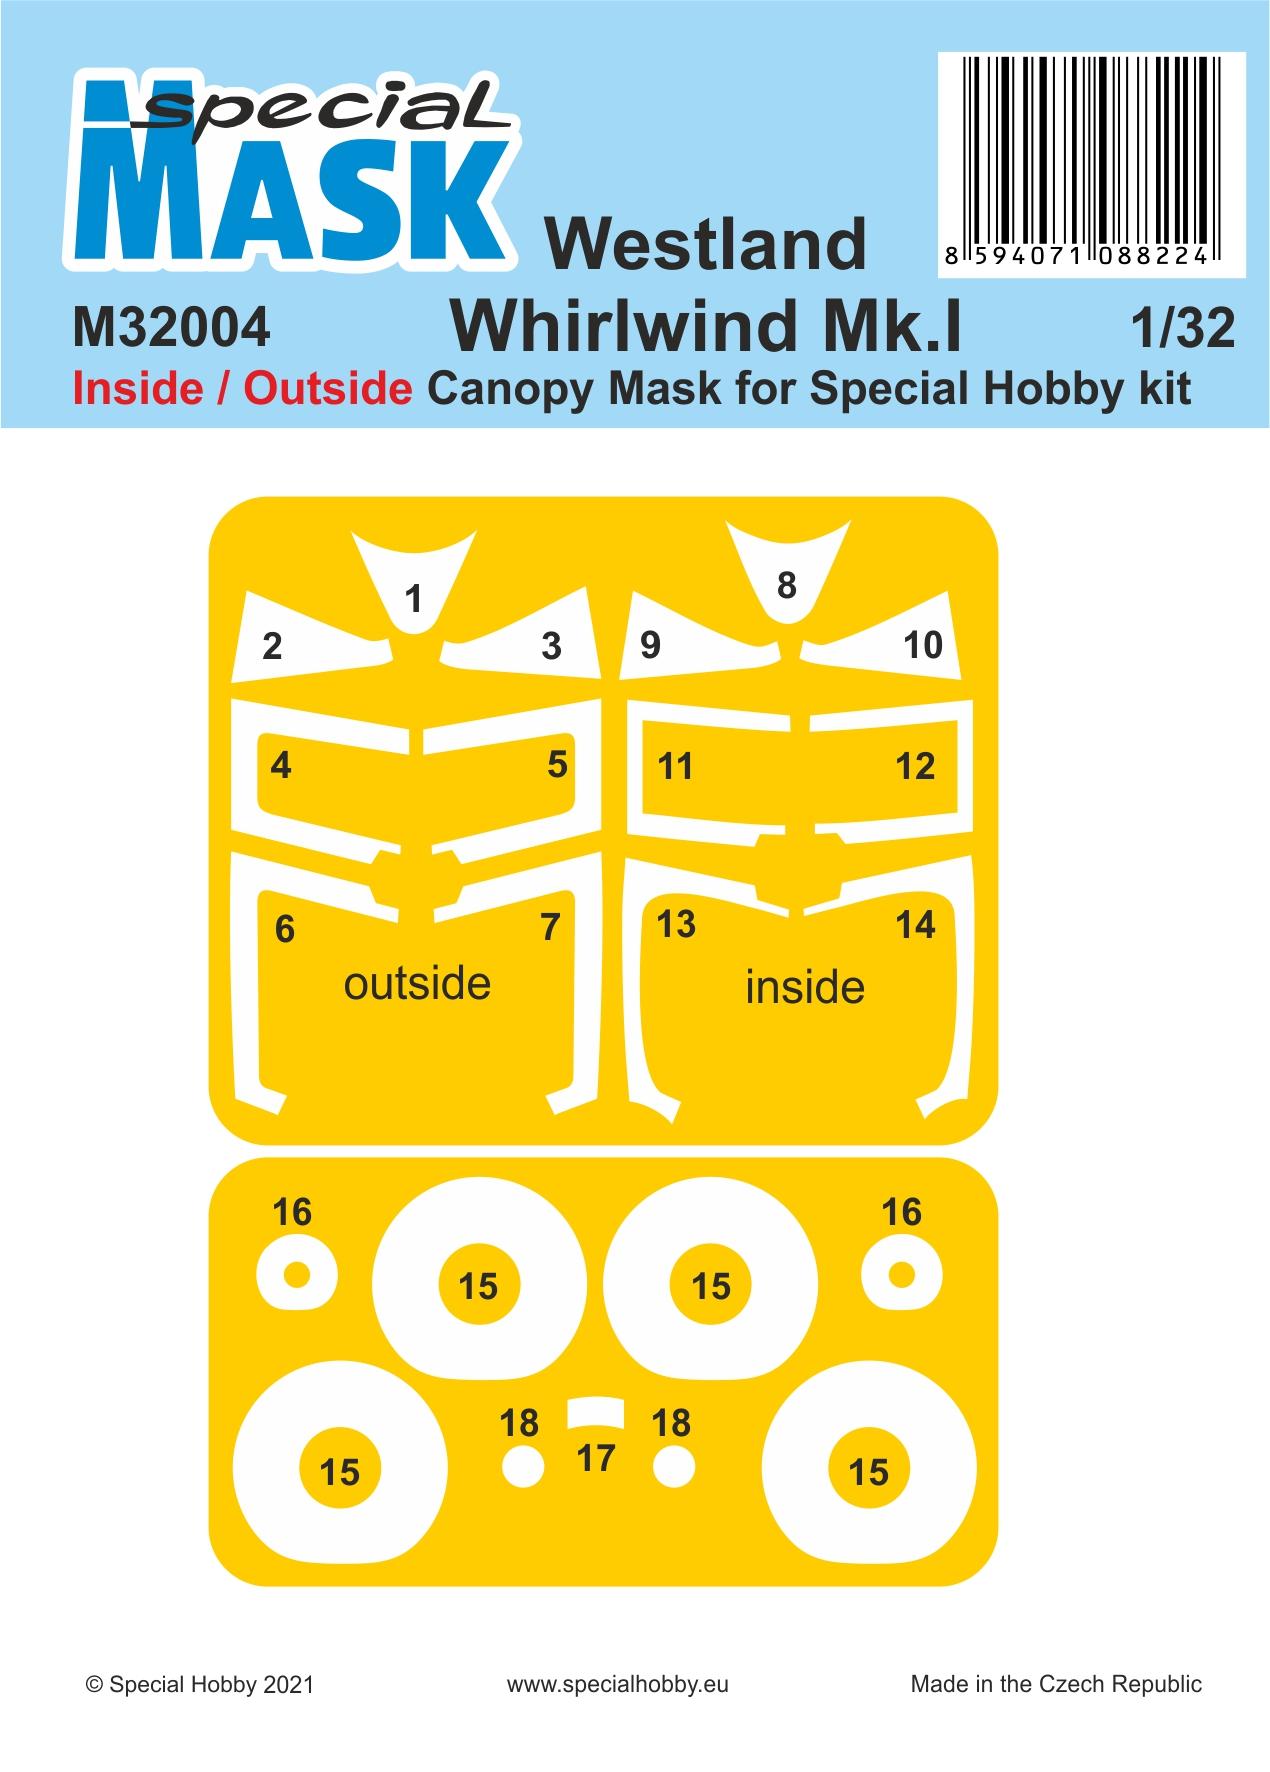 SHM32004